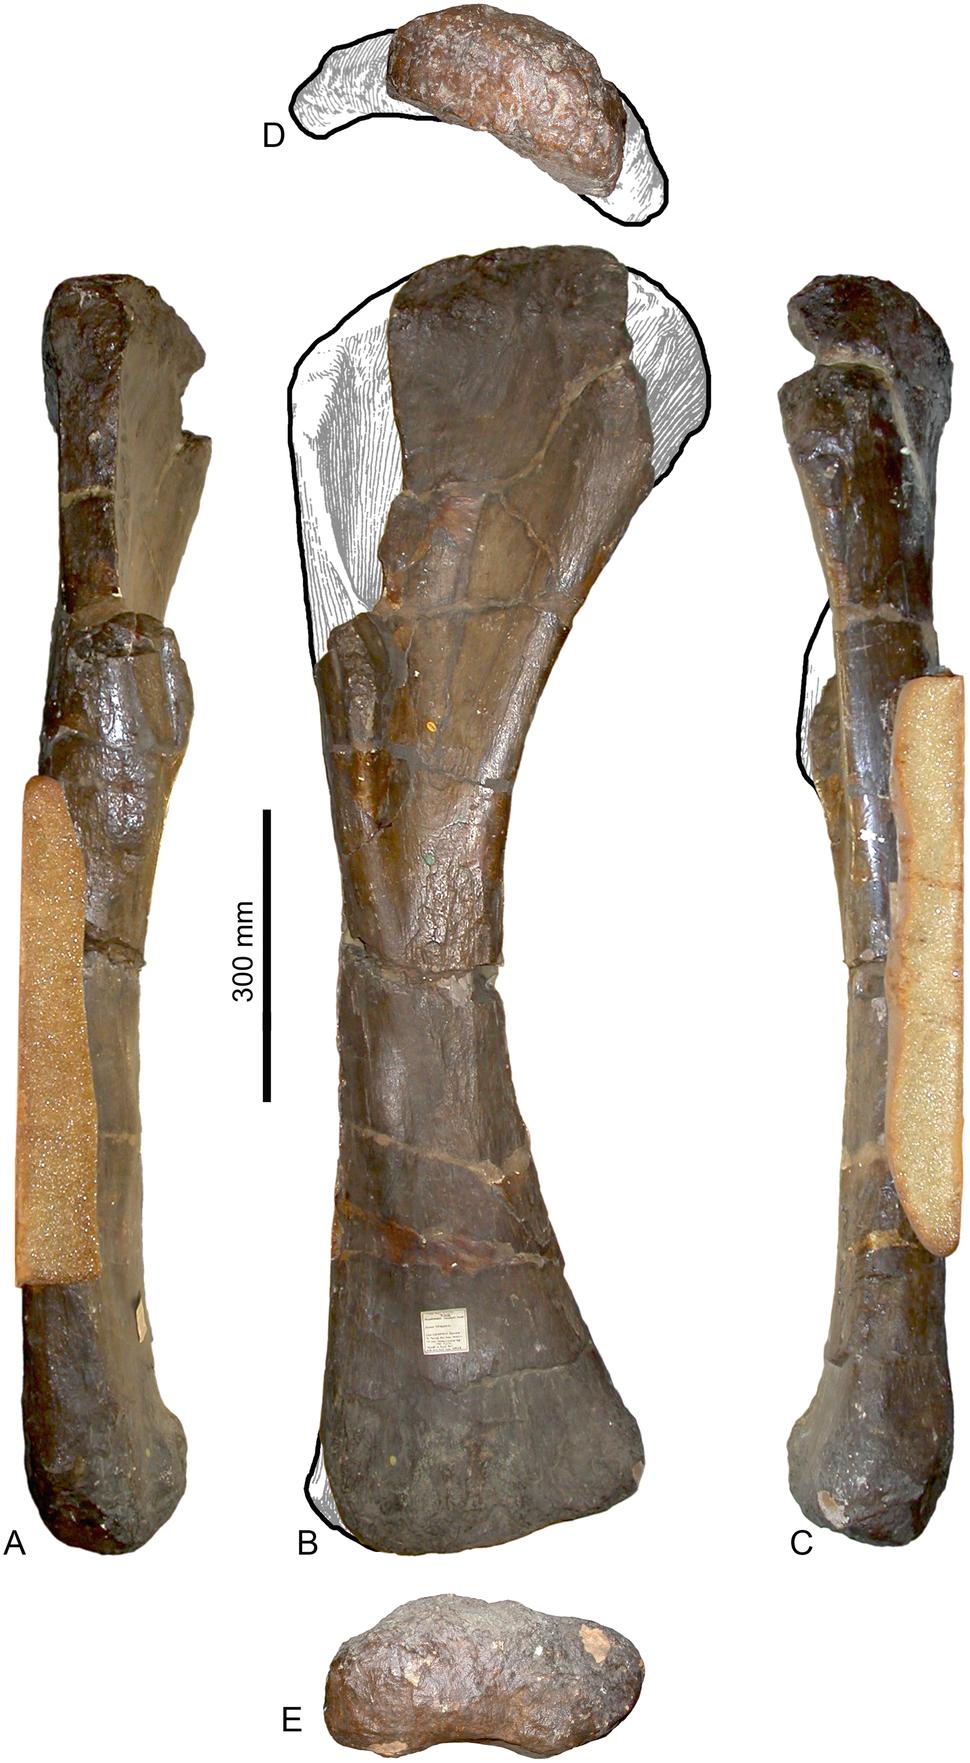 Pelorosaurus